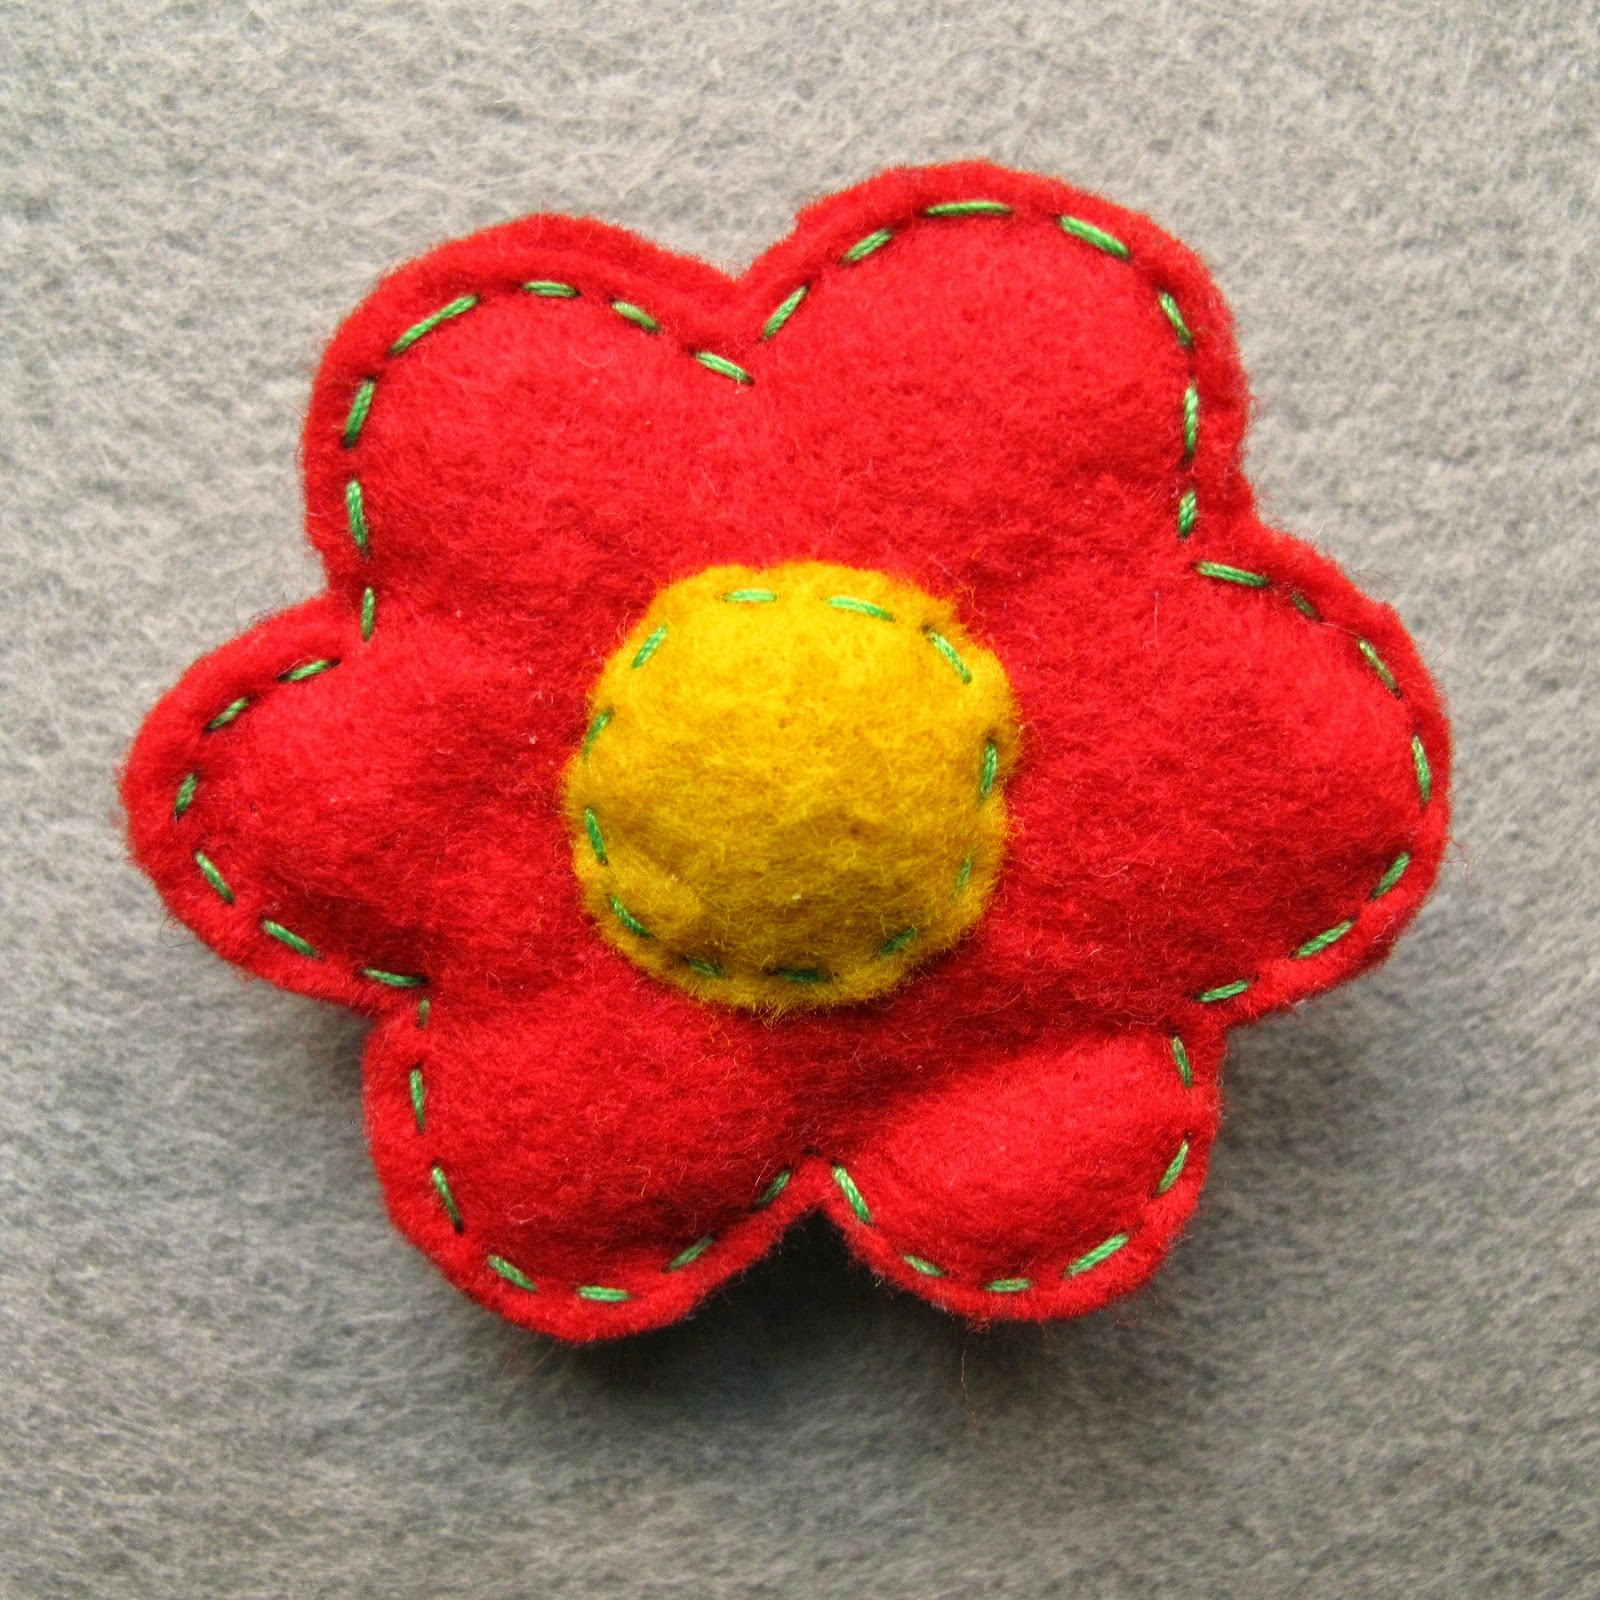 kwiatek2pIMG_2452.jpg